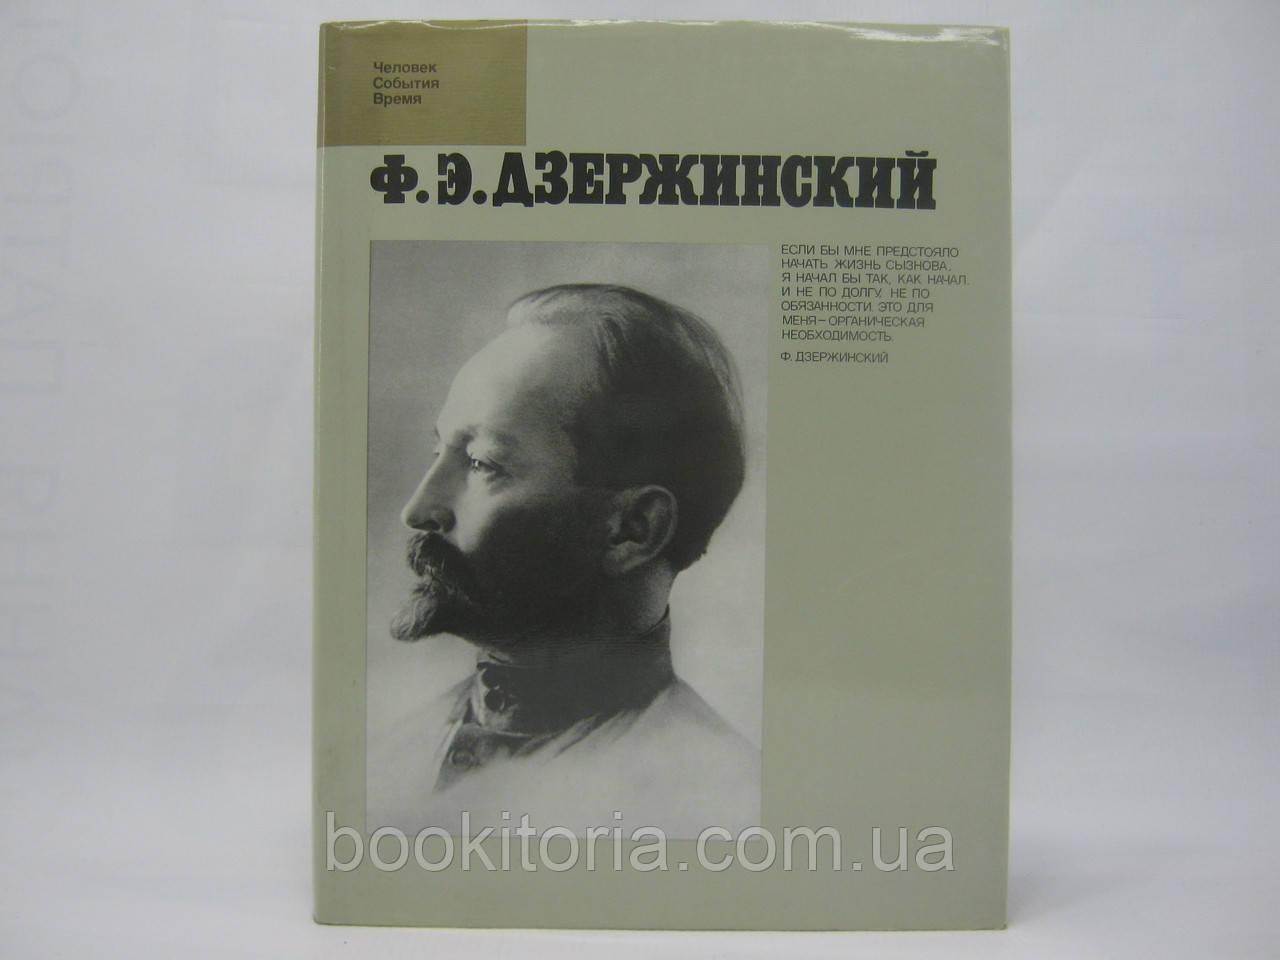 Ф.Э. Дзержинский. Фотоальбом (б/у).